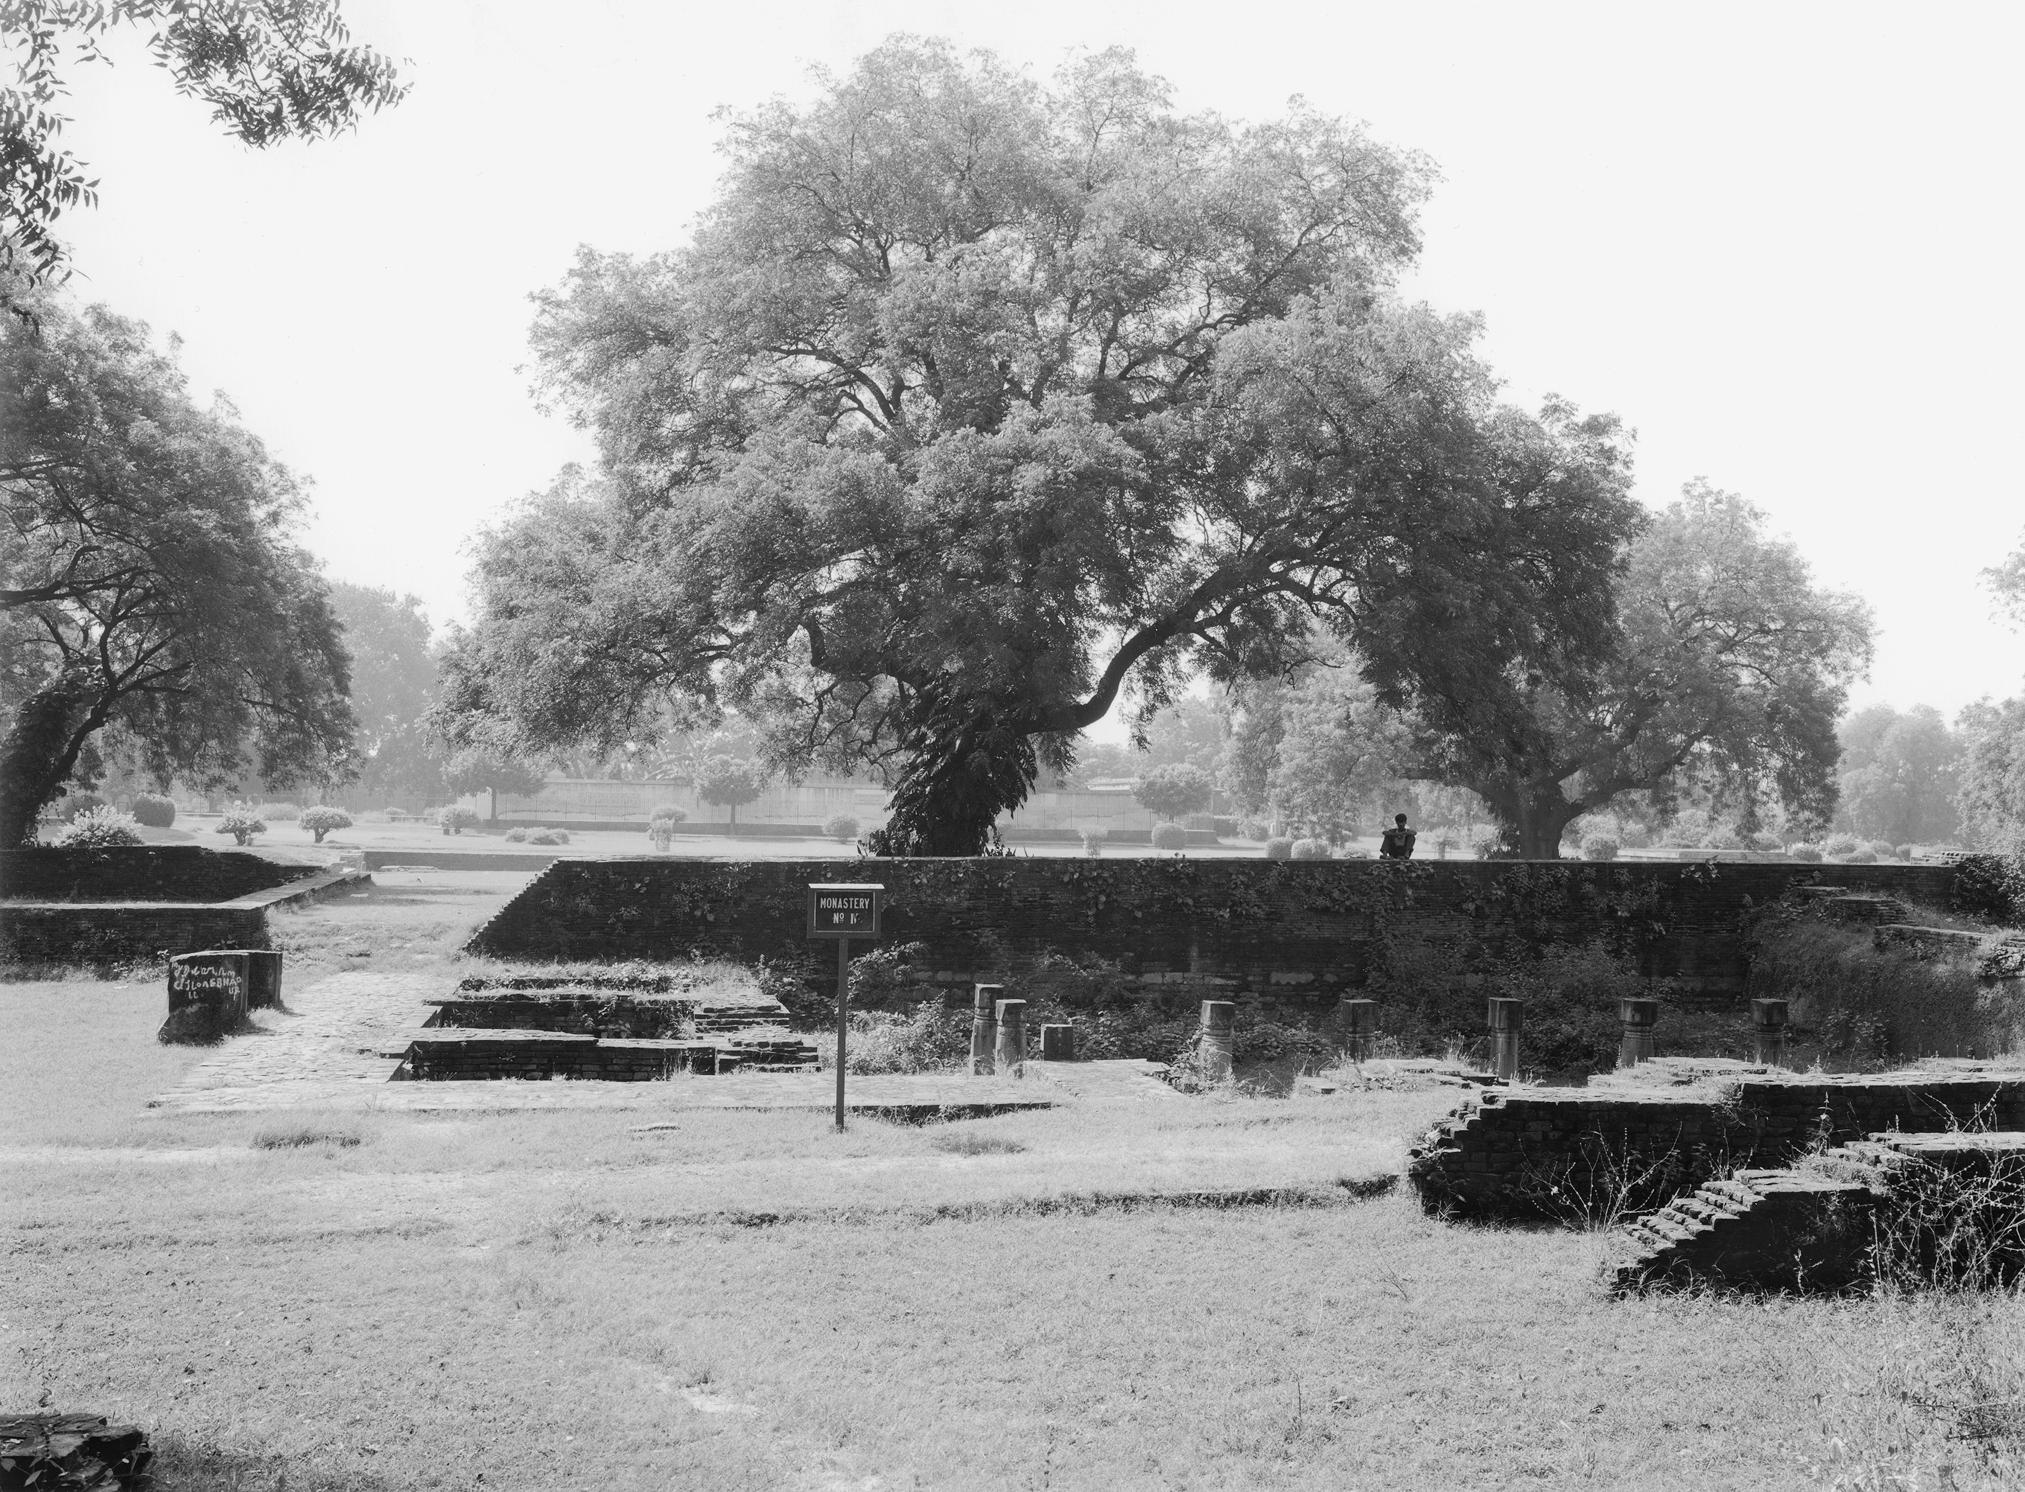 Sarnath, India 2000